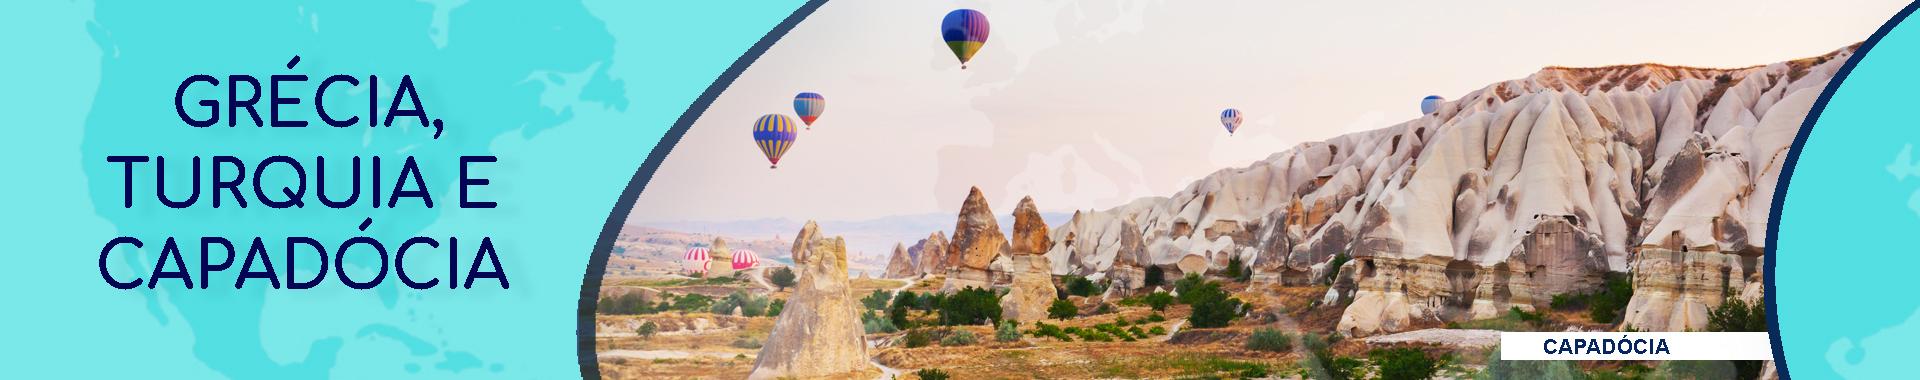 Roteiro de 28/09 – Grécia e Turquia (com Capadócia) – 16 dias – com Pe. Fabiano, Márcio Mendes e Rose Mary